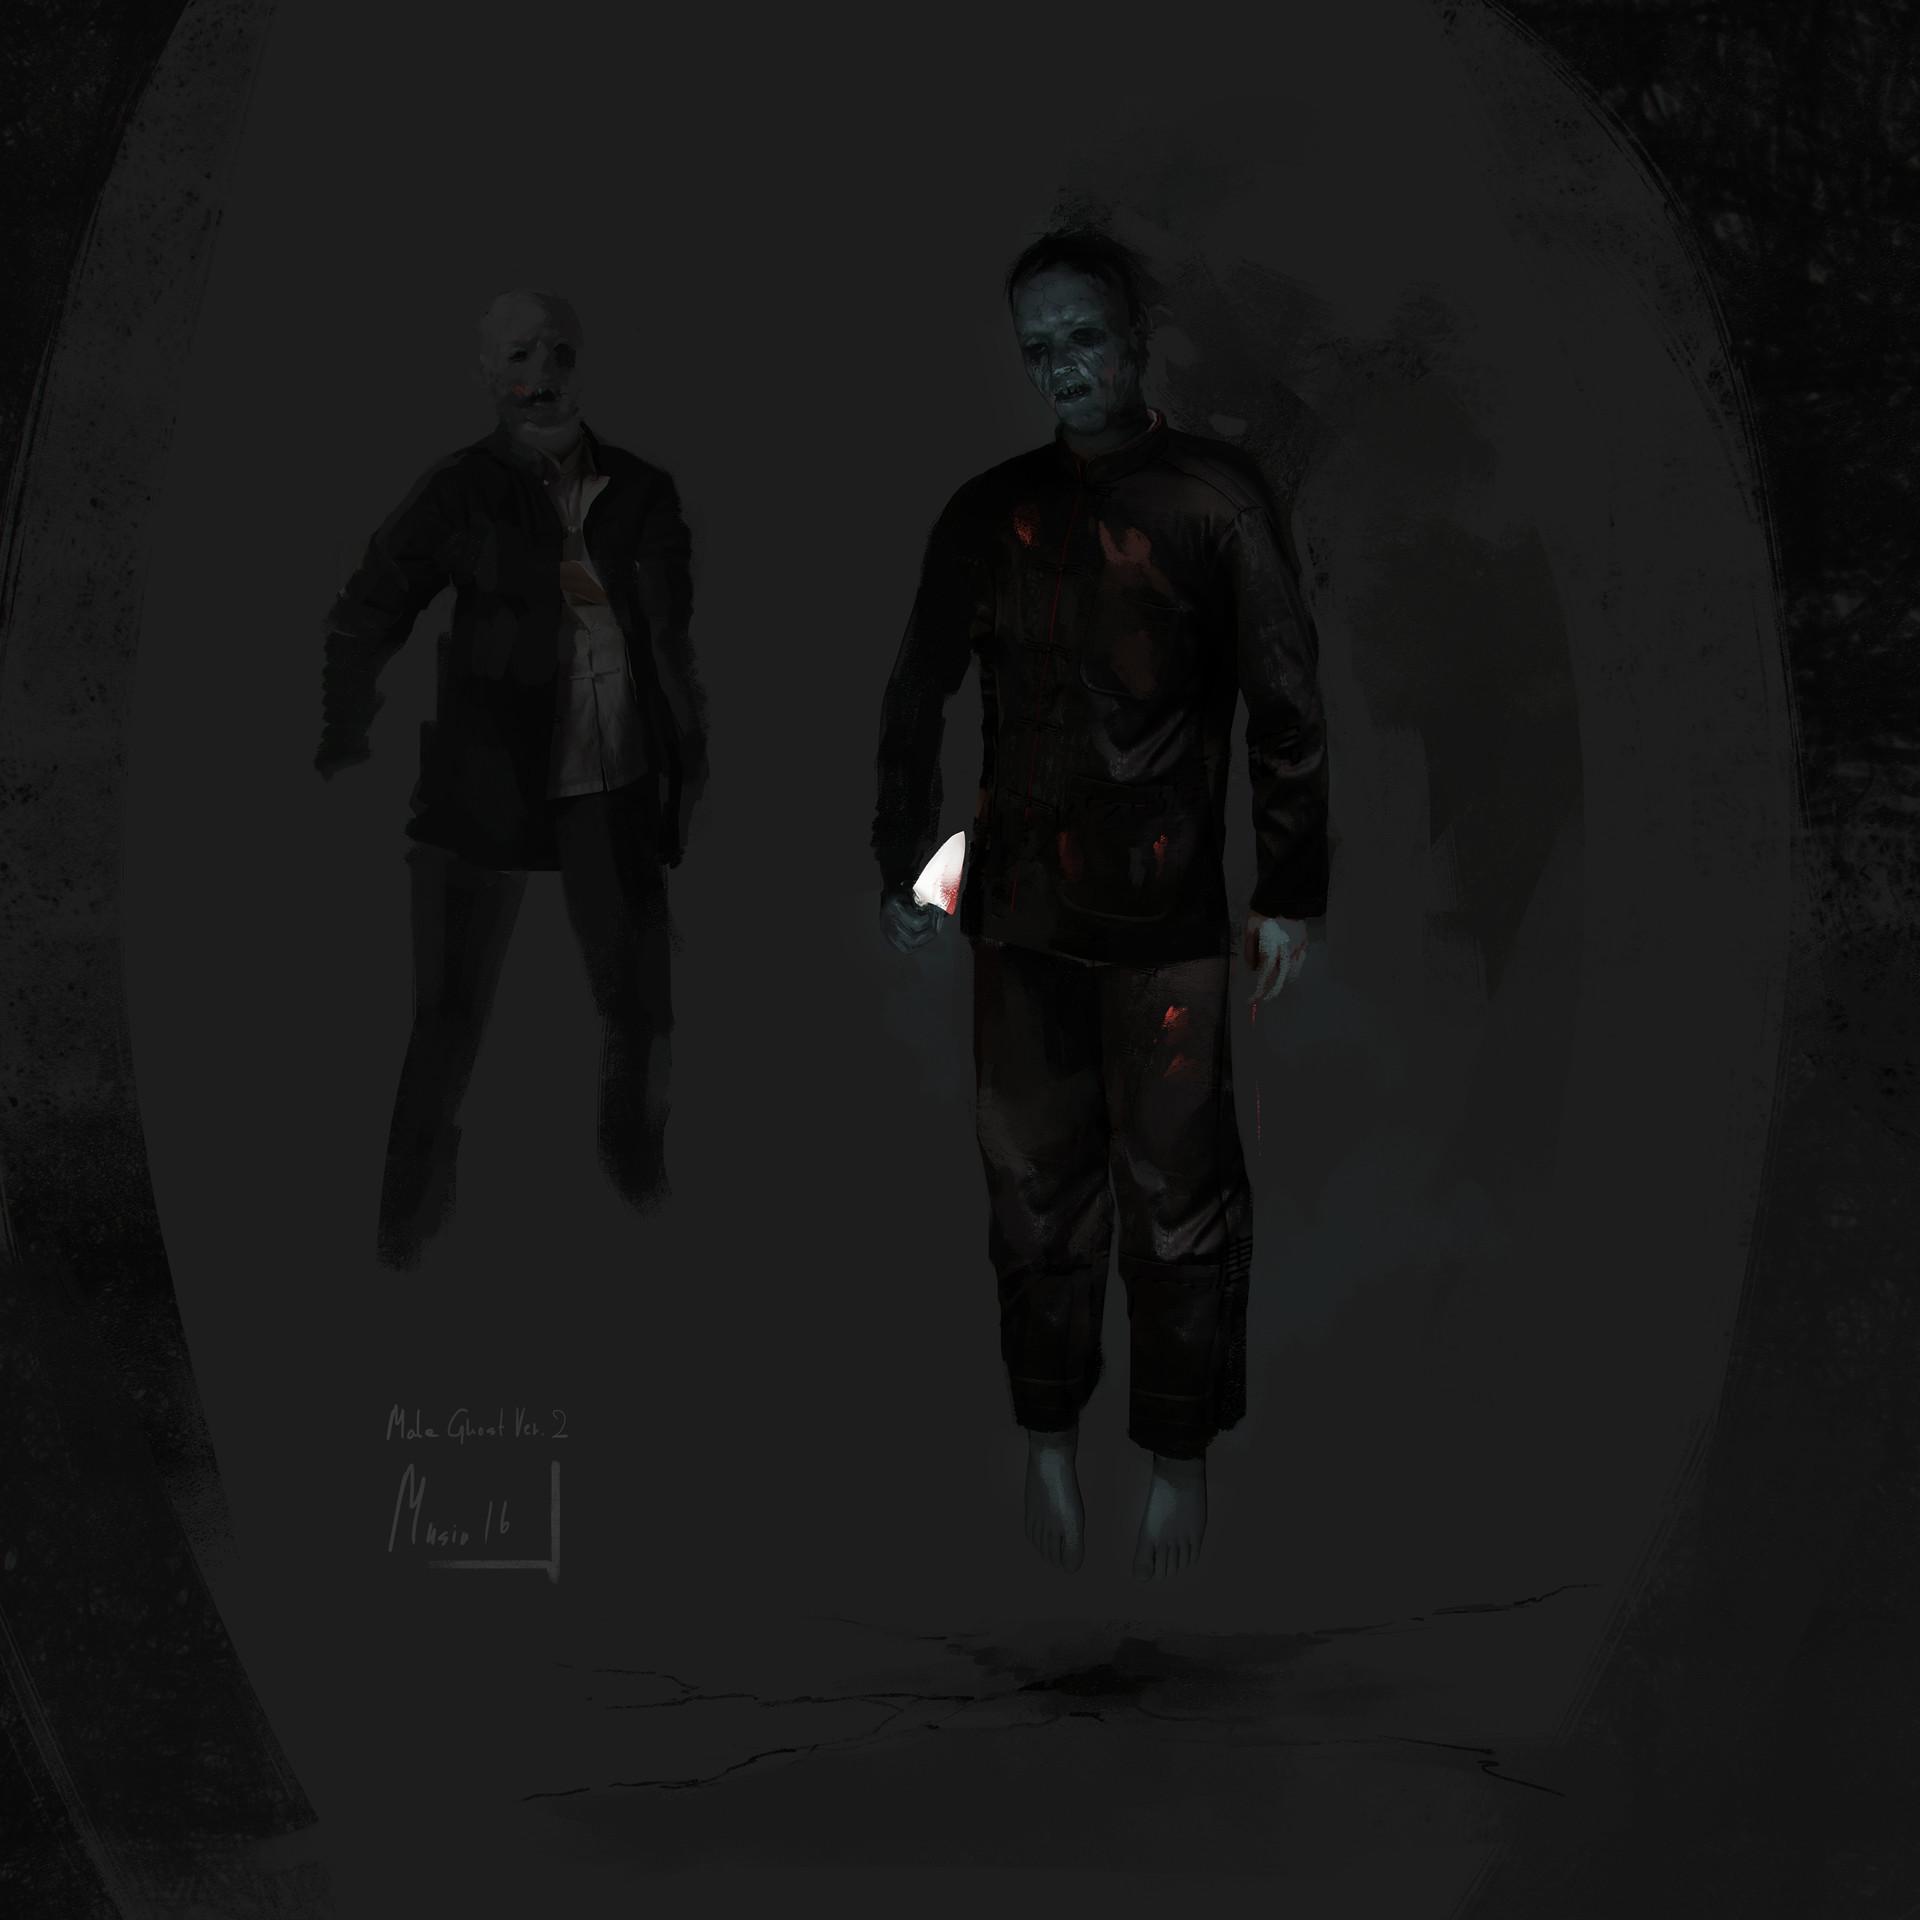 Sergey musin ghosts maleghost conceptart ver2